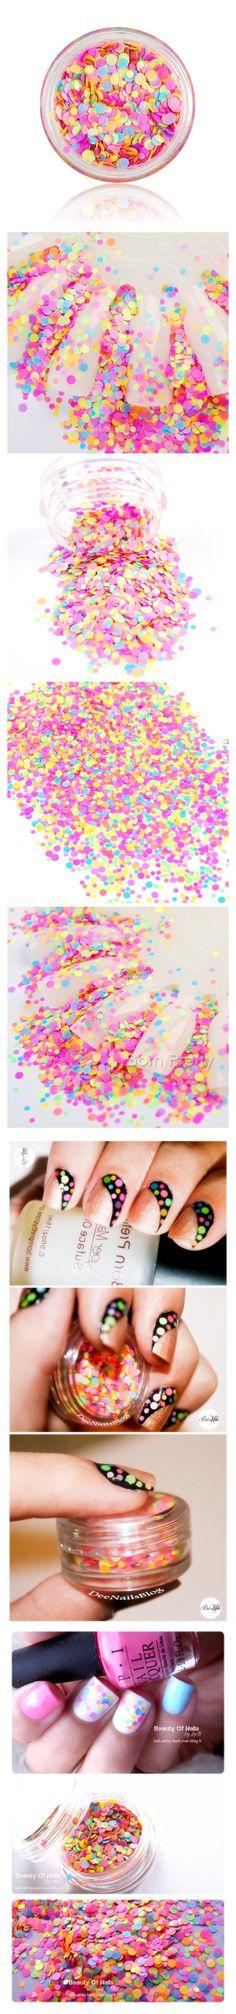 $0.99 1mm-2mm Mixed Nail Art Glitter Decoration Colorful Mini Round Thin Paillette Design - BornPrettyStore.com